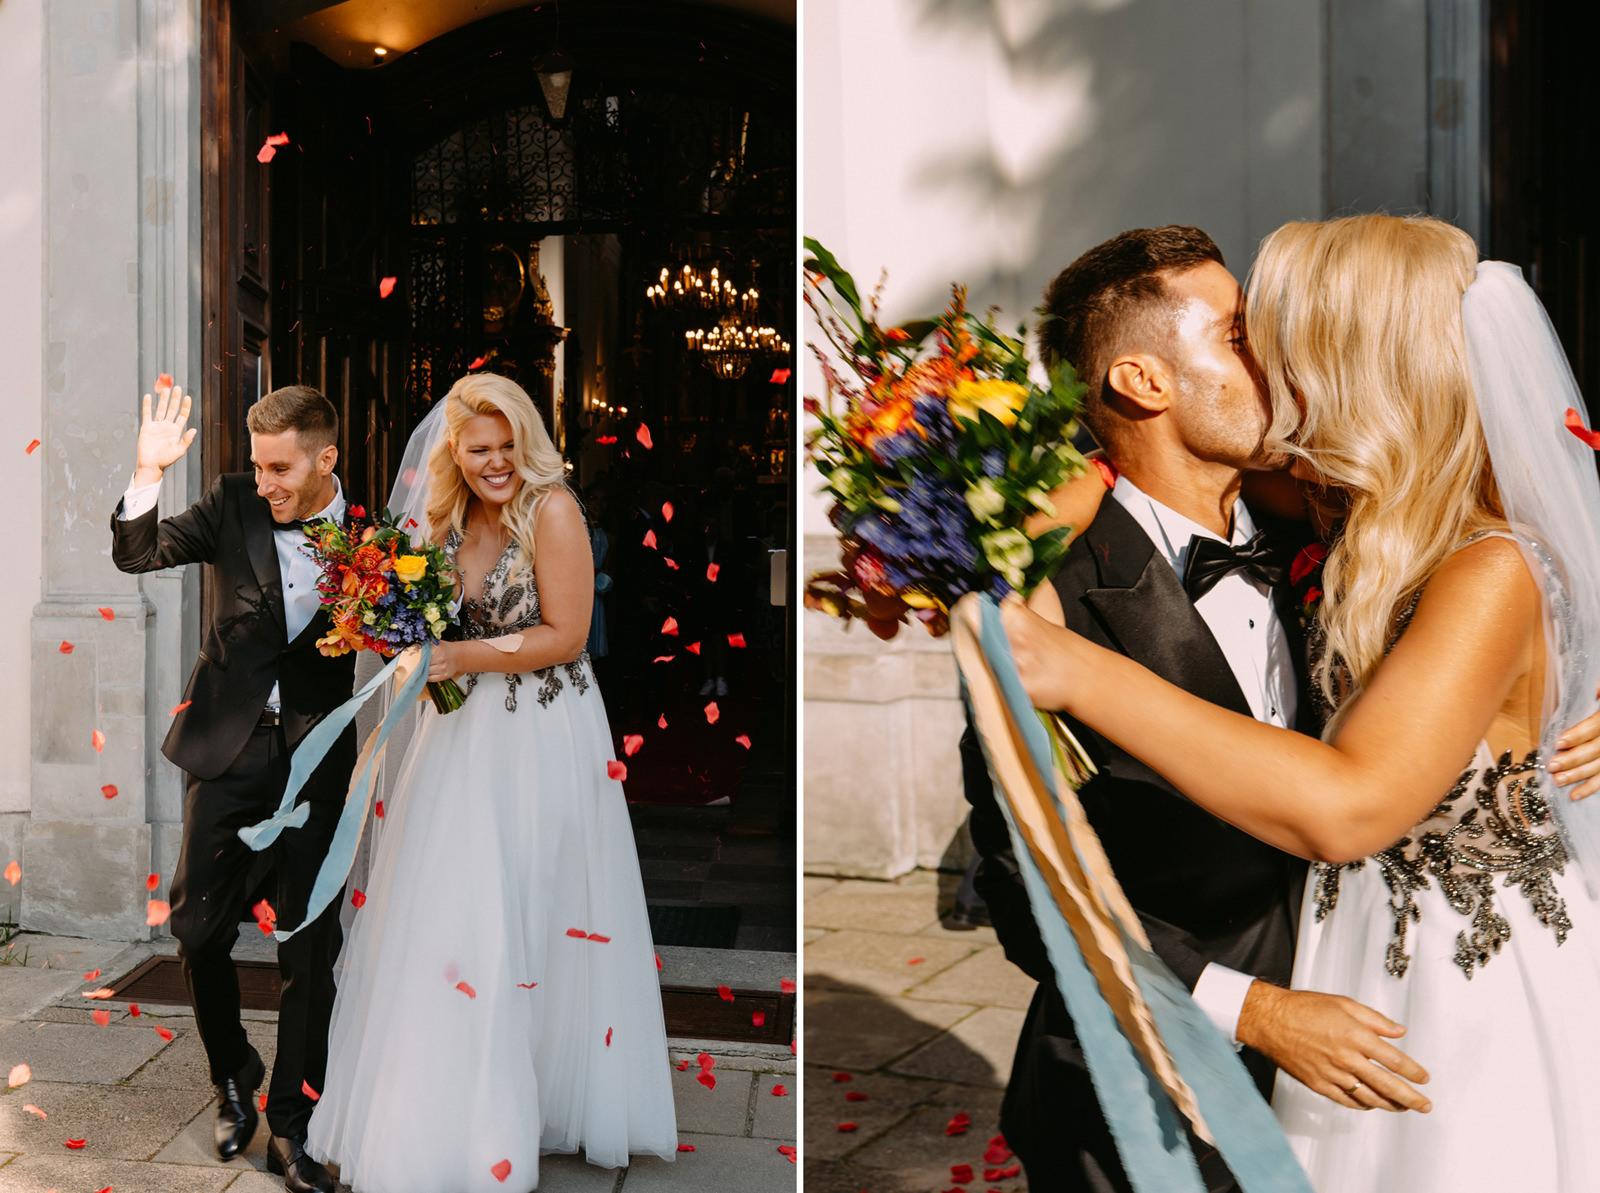 radość młodej pary po ślubie kościelnym- Luke Sezeck fotograf ślubny w Warszawie